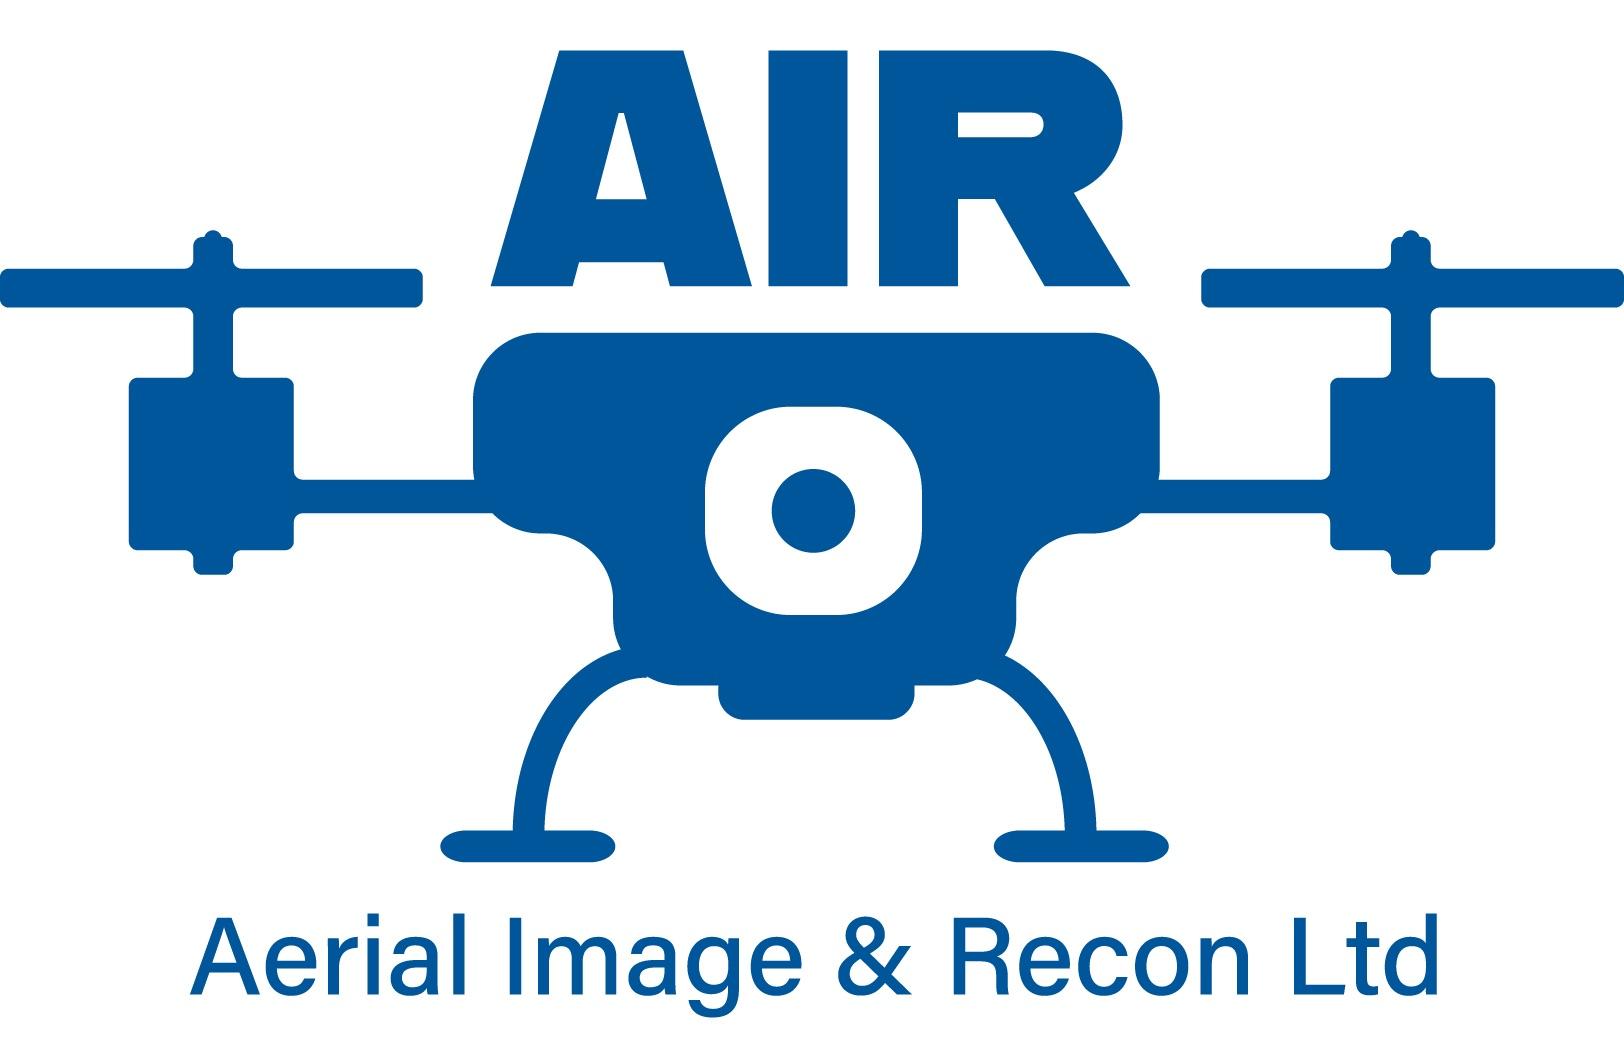 Aerial Image & Recon ltd